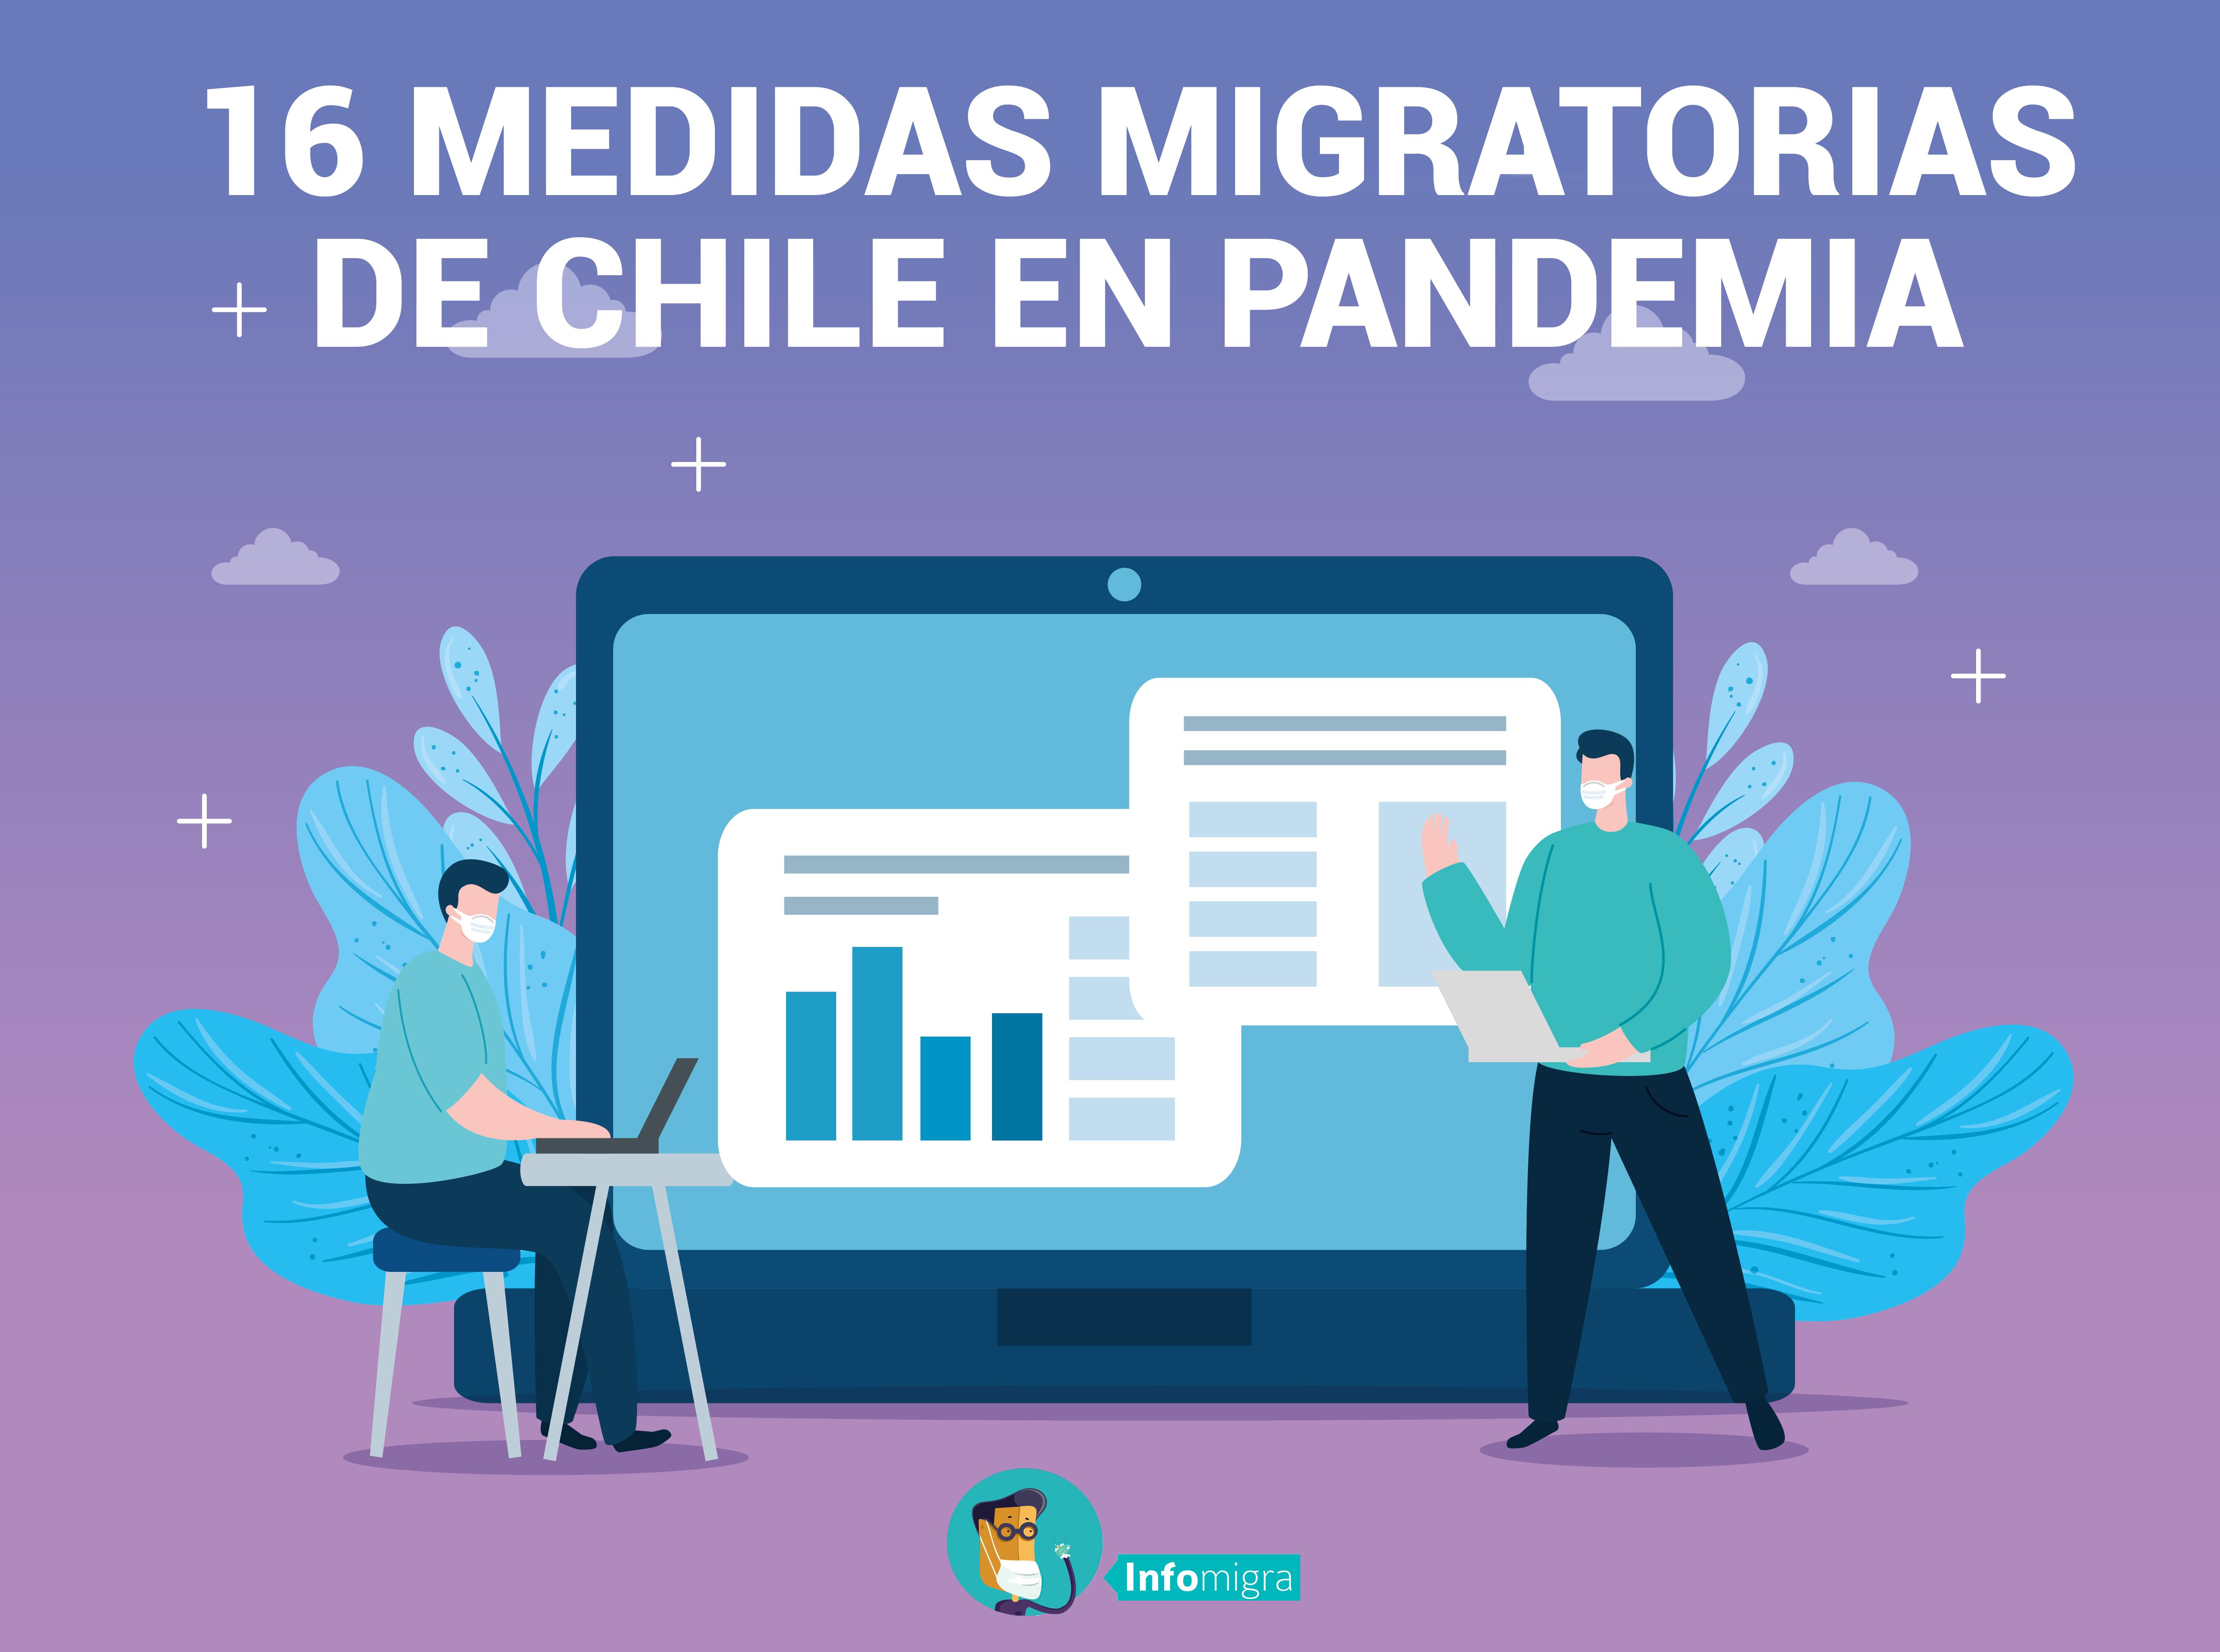 16 MEDIDAS MIGRATORIAS DE CHILE EN PANDEMIA COVID19